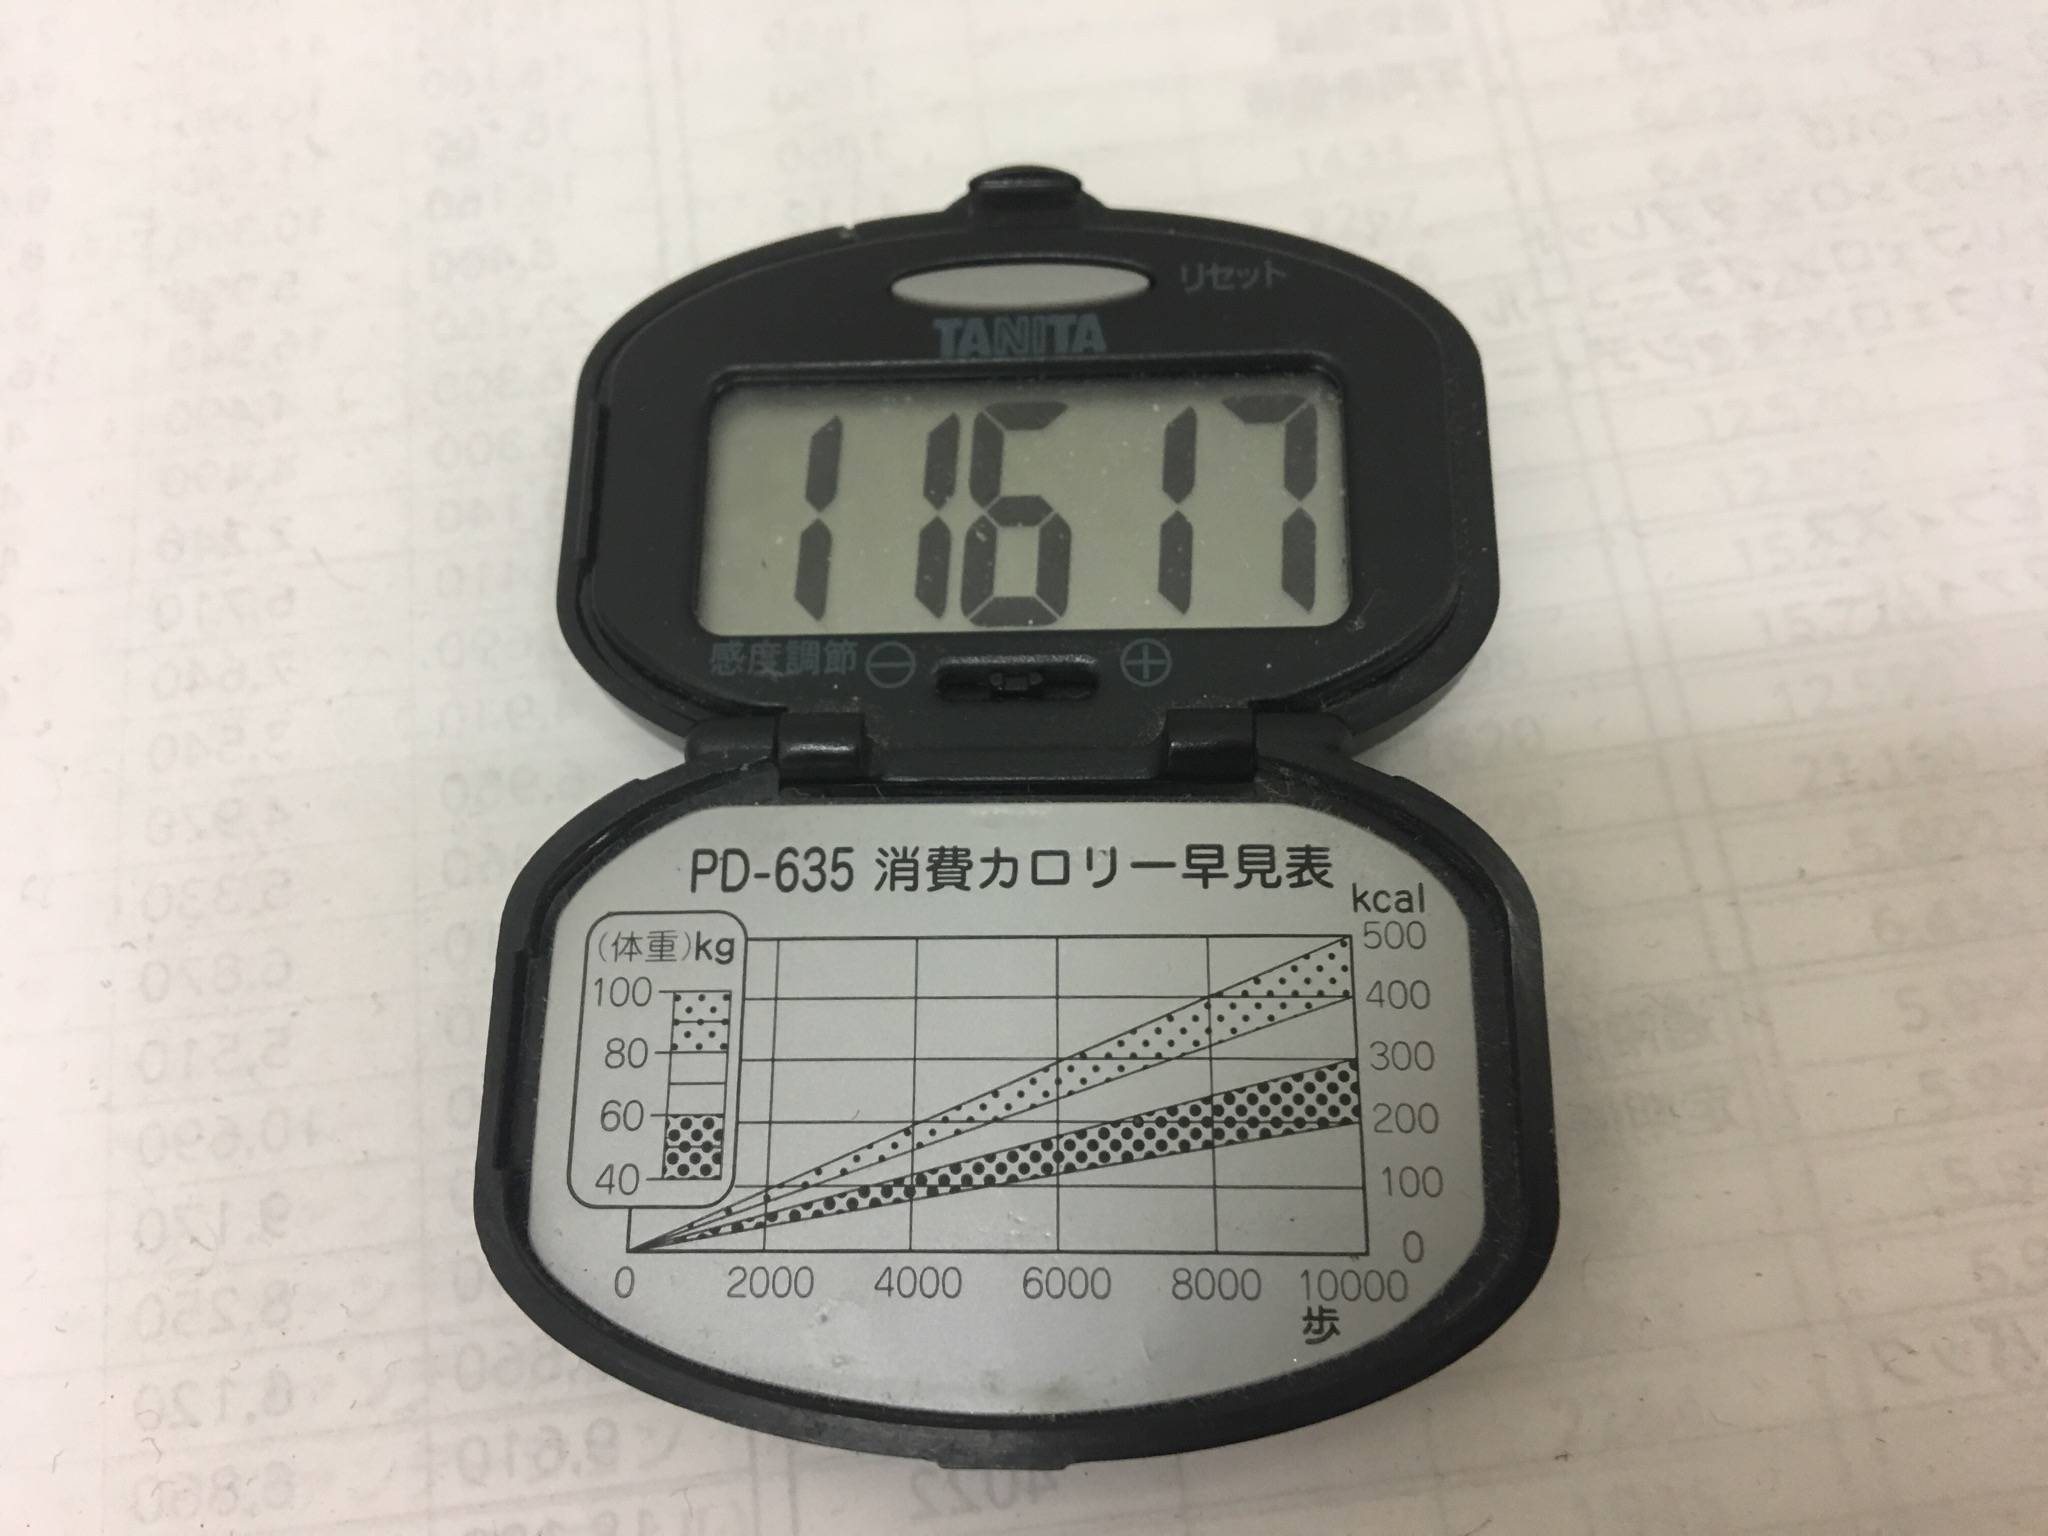 (ブログ)短期間で痩せるには。痩せるために大事な事は。※結果には個人差があります。皆が同じ結果になるとは限りません。